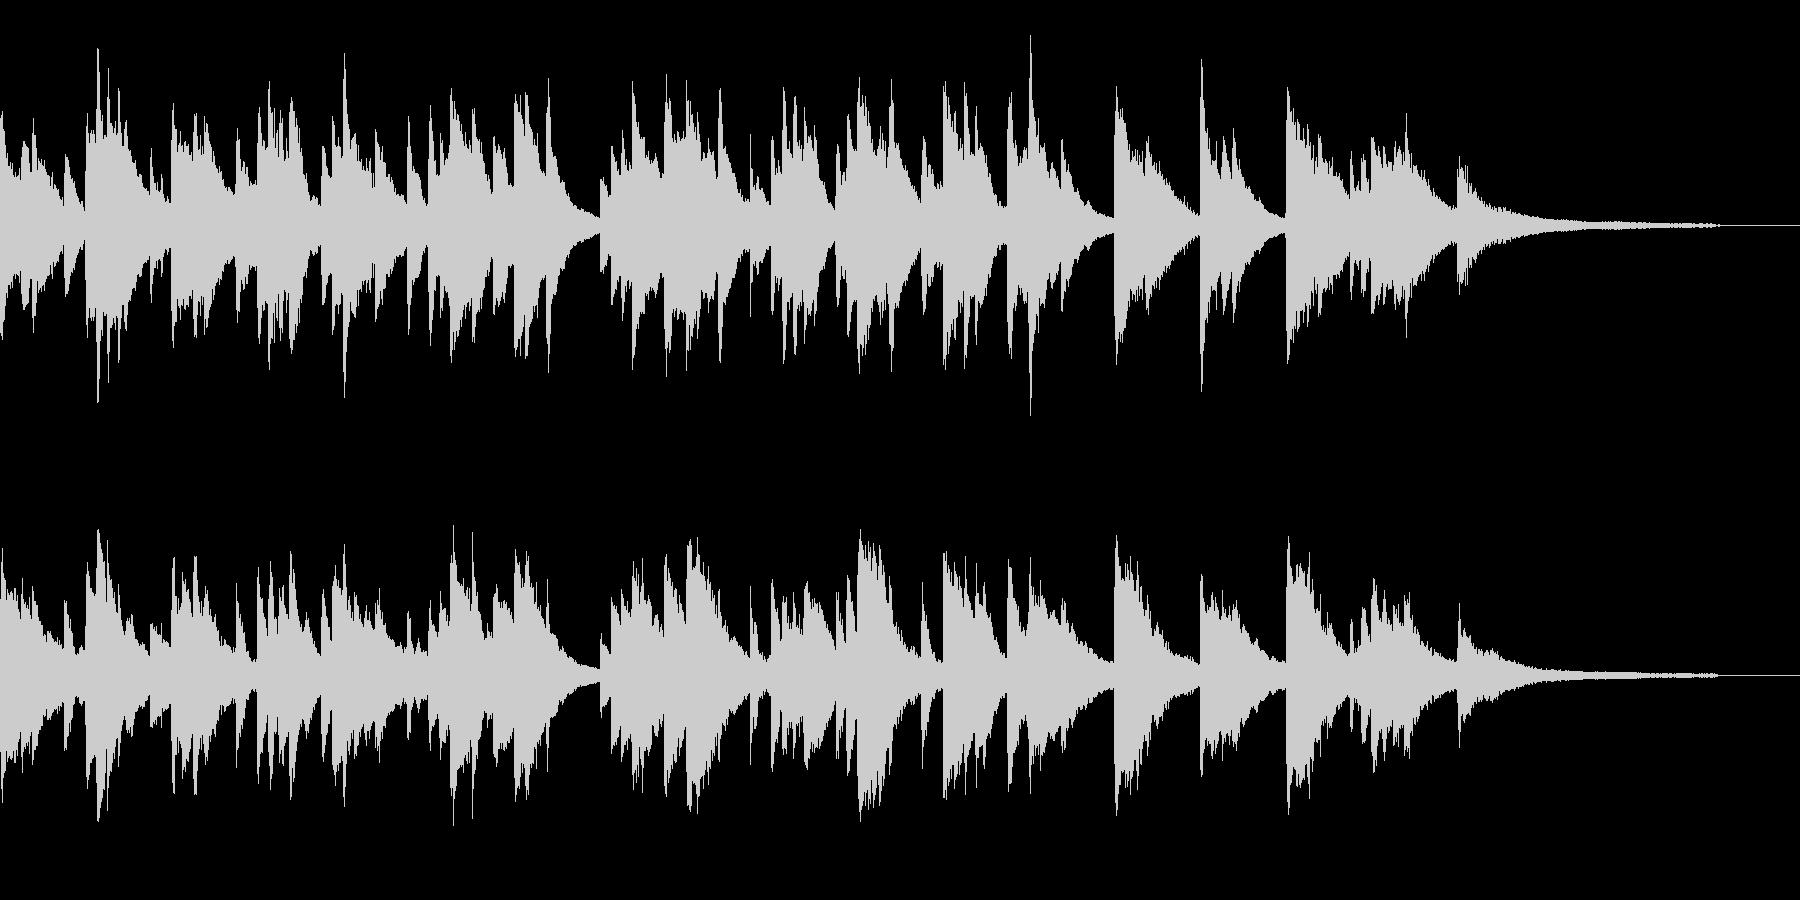 メロディアスで哀愁のあるピアノ曲です。の未再生の波形